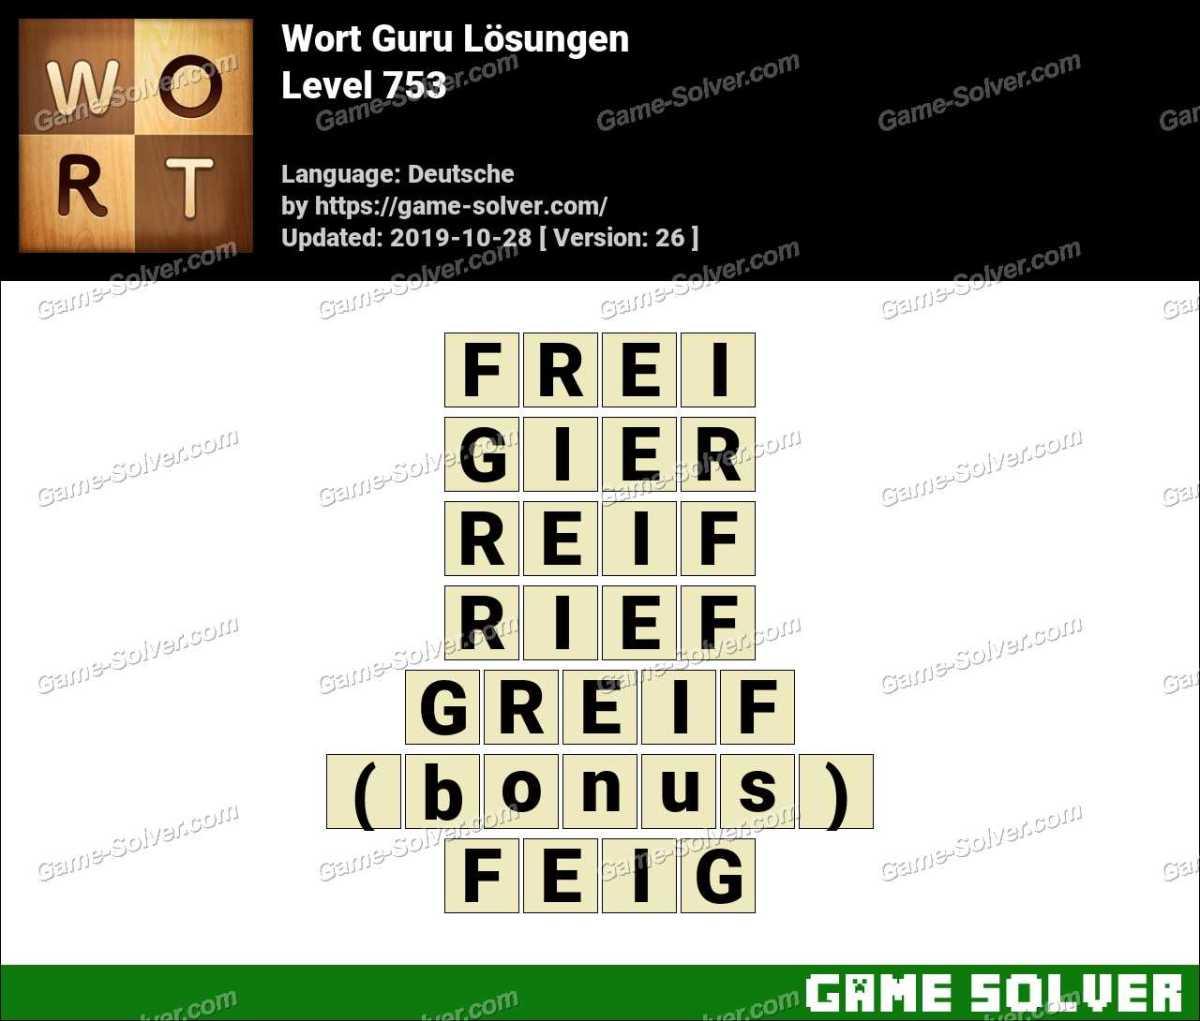 Wort Guru Level 753 Lösungen